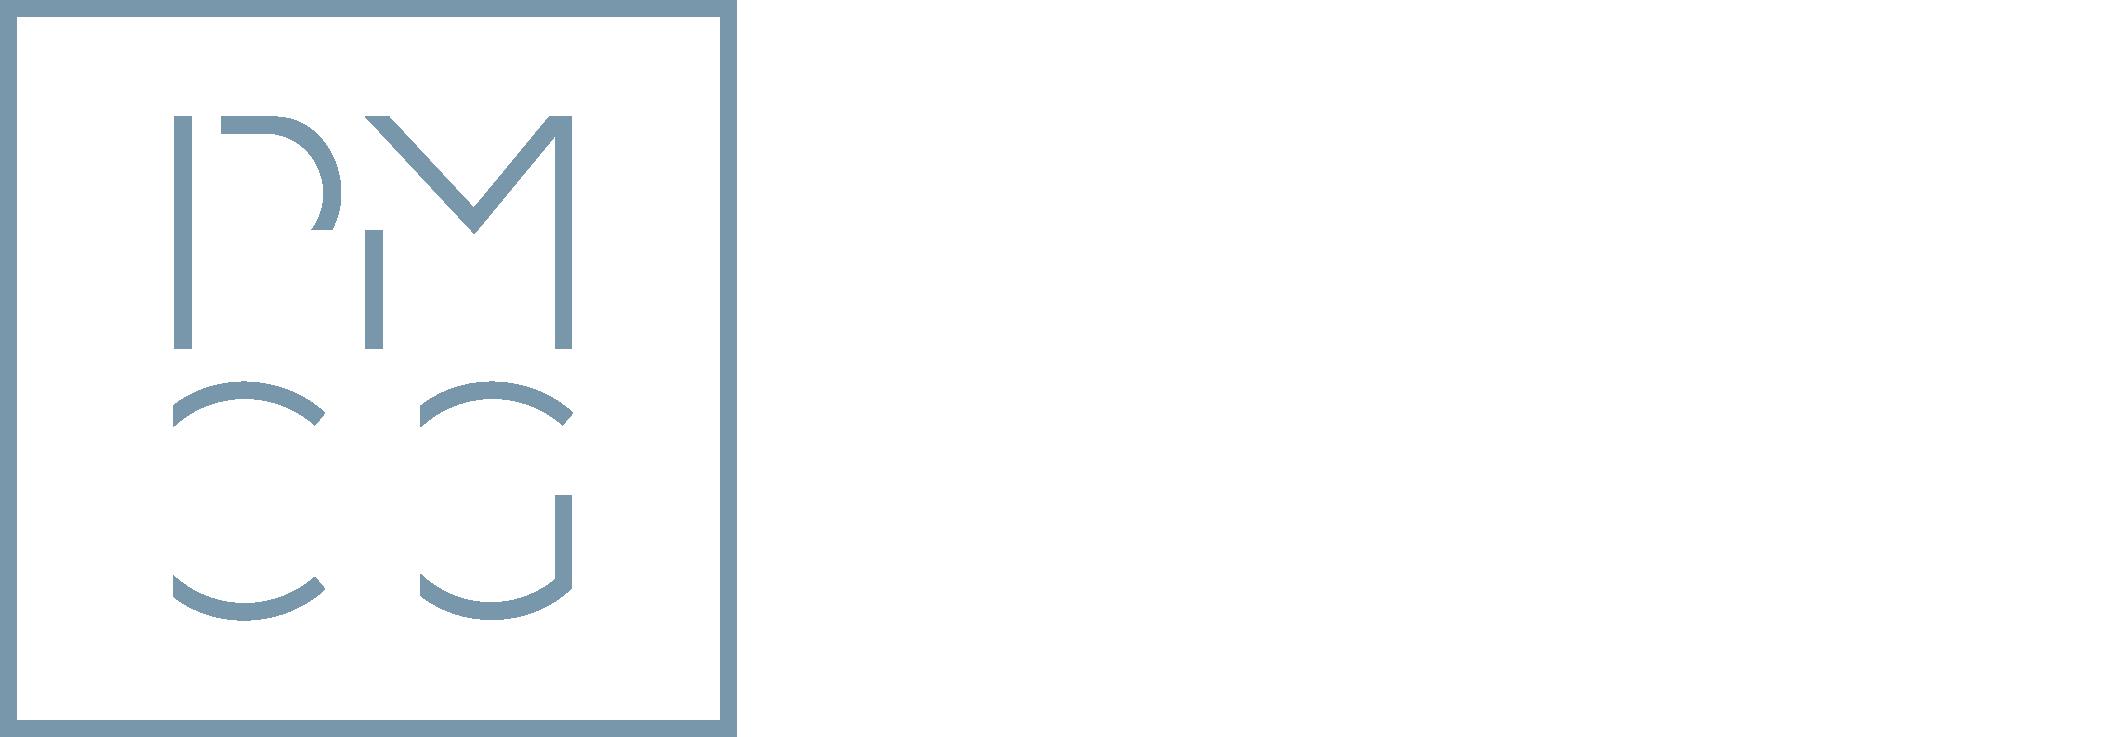 PMCG - Sociedade de Advogados SP RL.